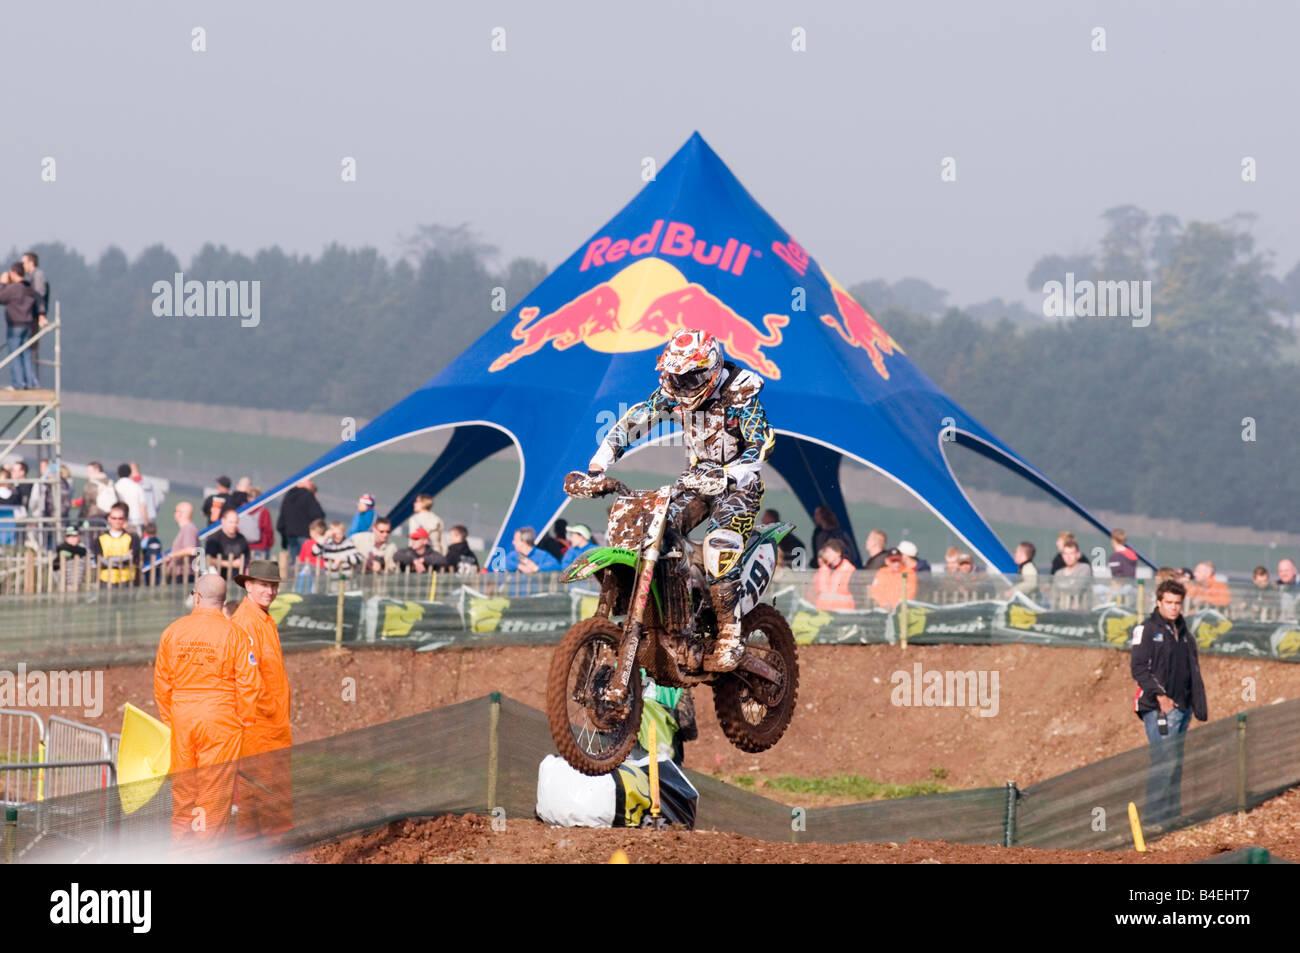 red bull sponsor sponsored event extreme sport sponsorship action ...